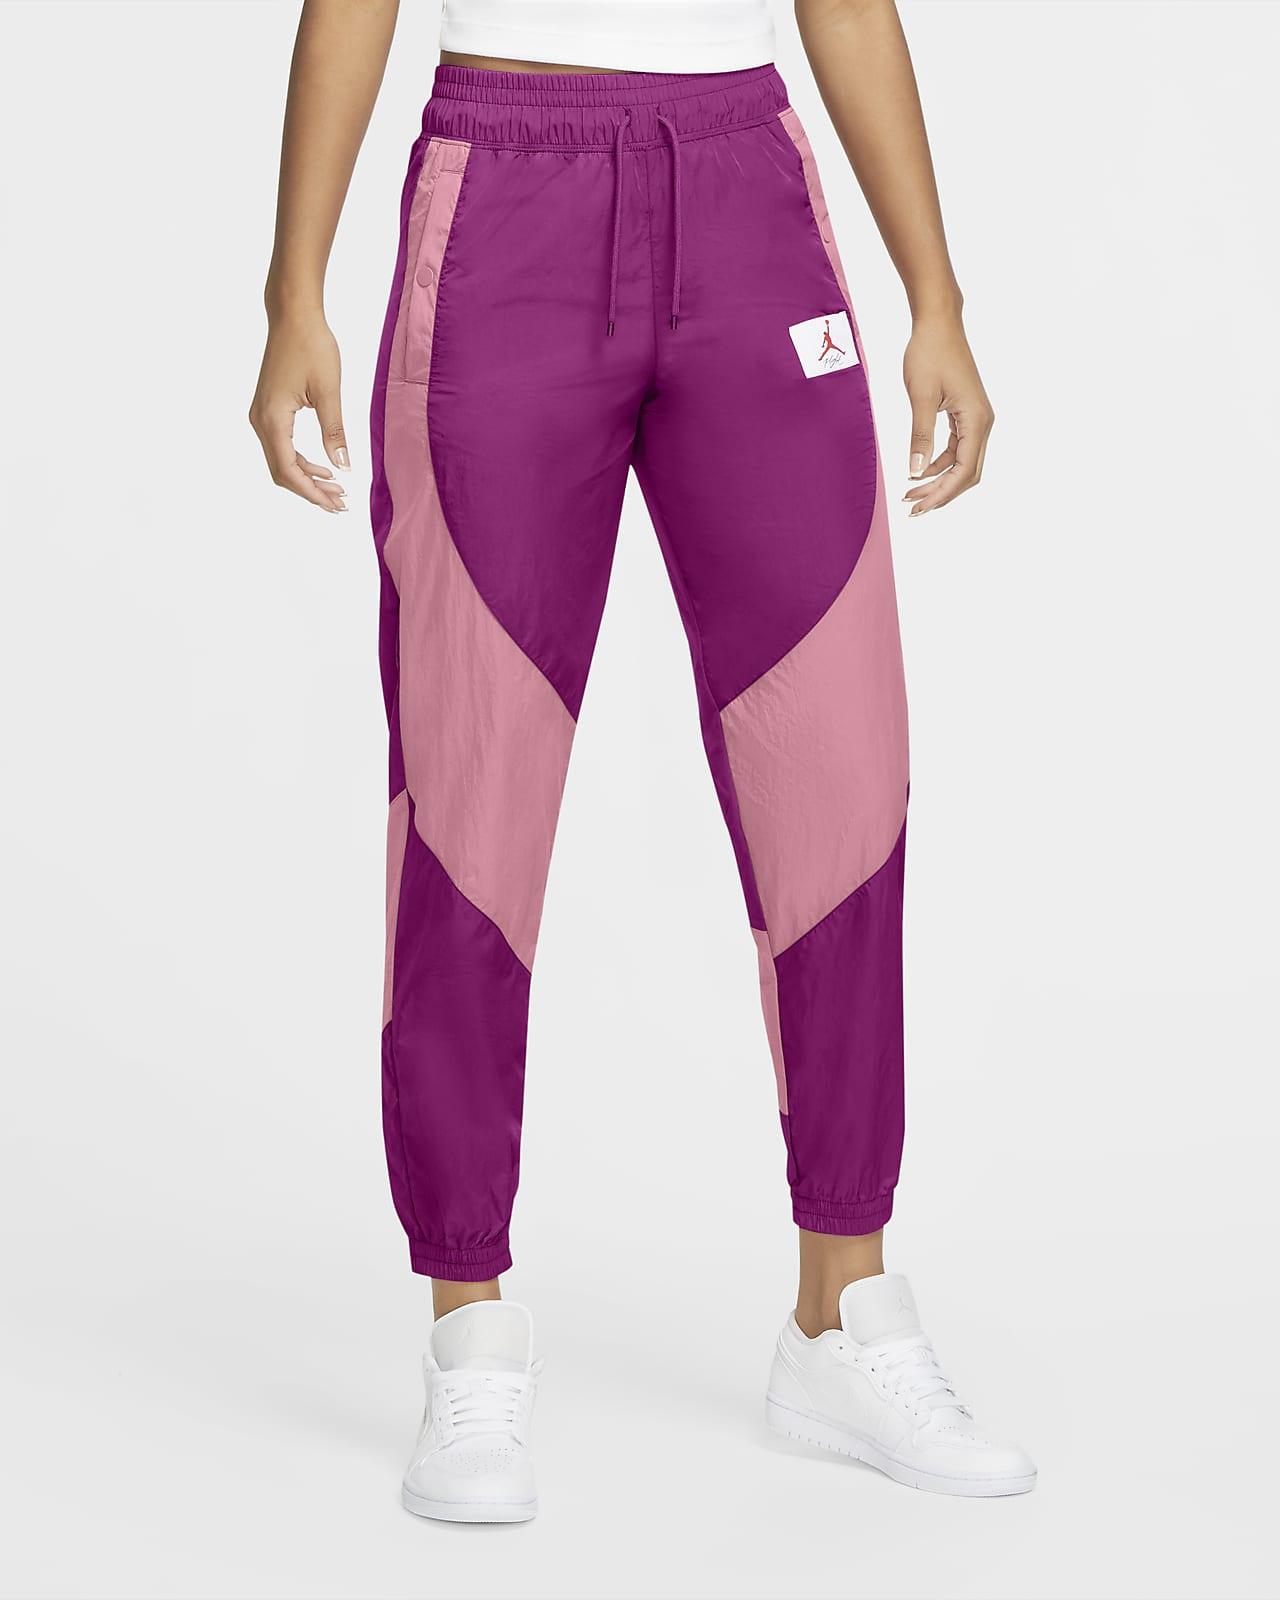 Pantalones de tejido Woven para mujer Jordan